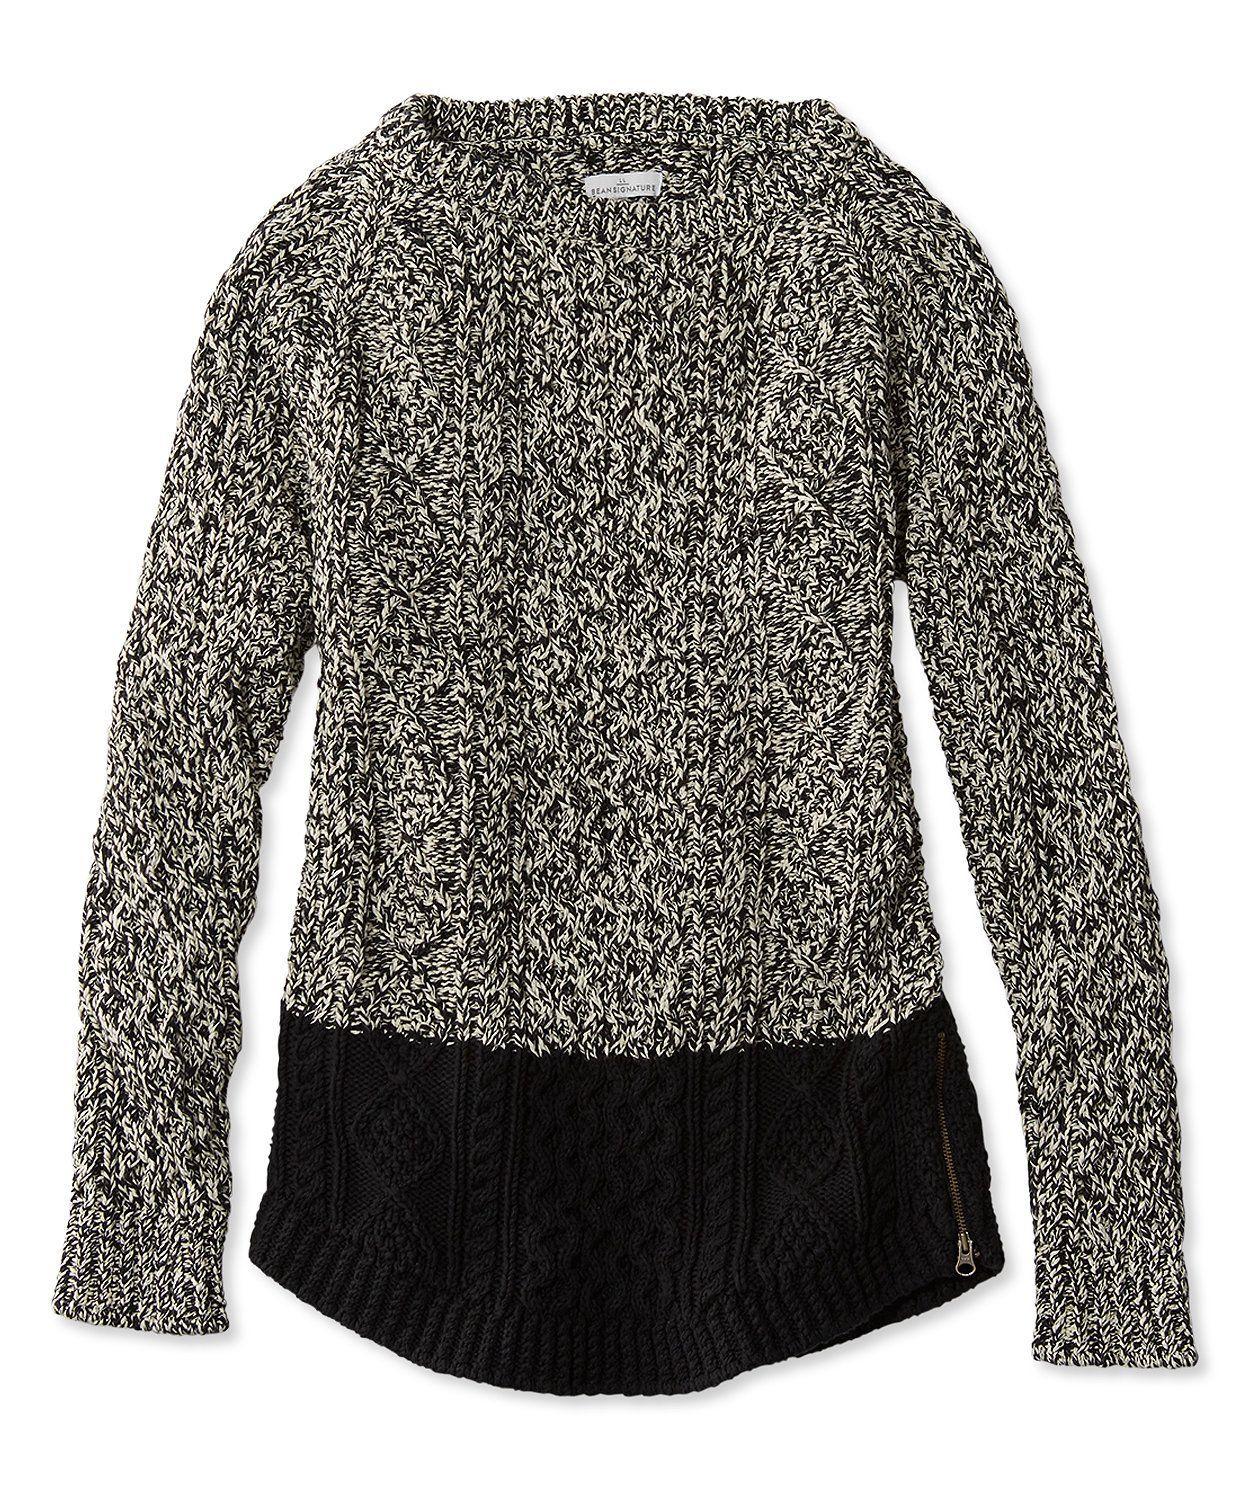 Signature Cotton Fisherman Tunic Sweater | Tunic sweater, Tunics ...